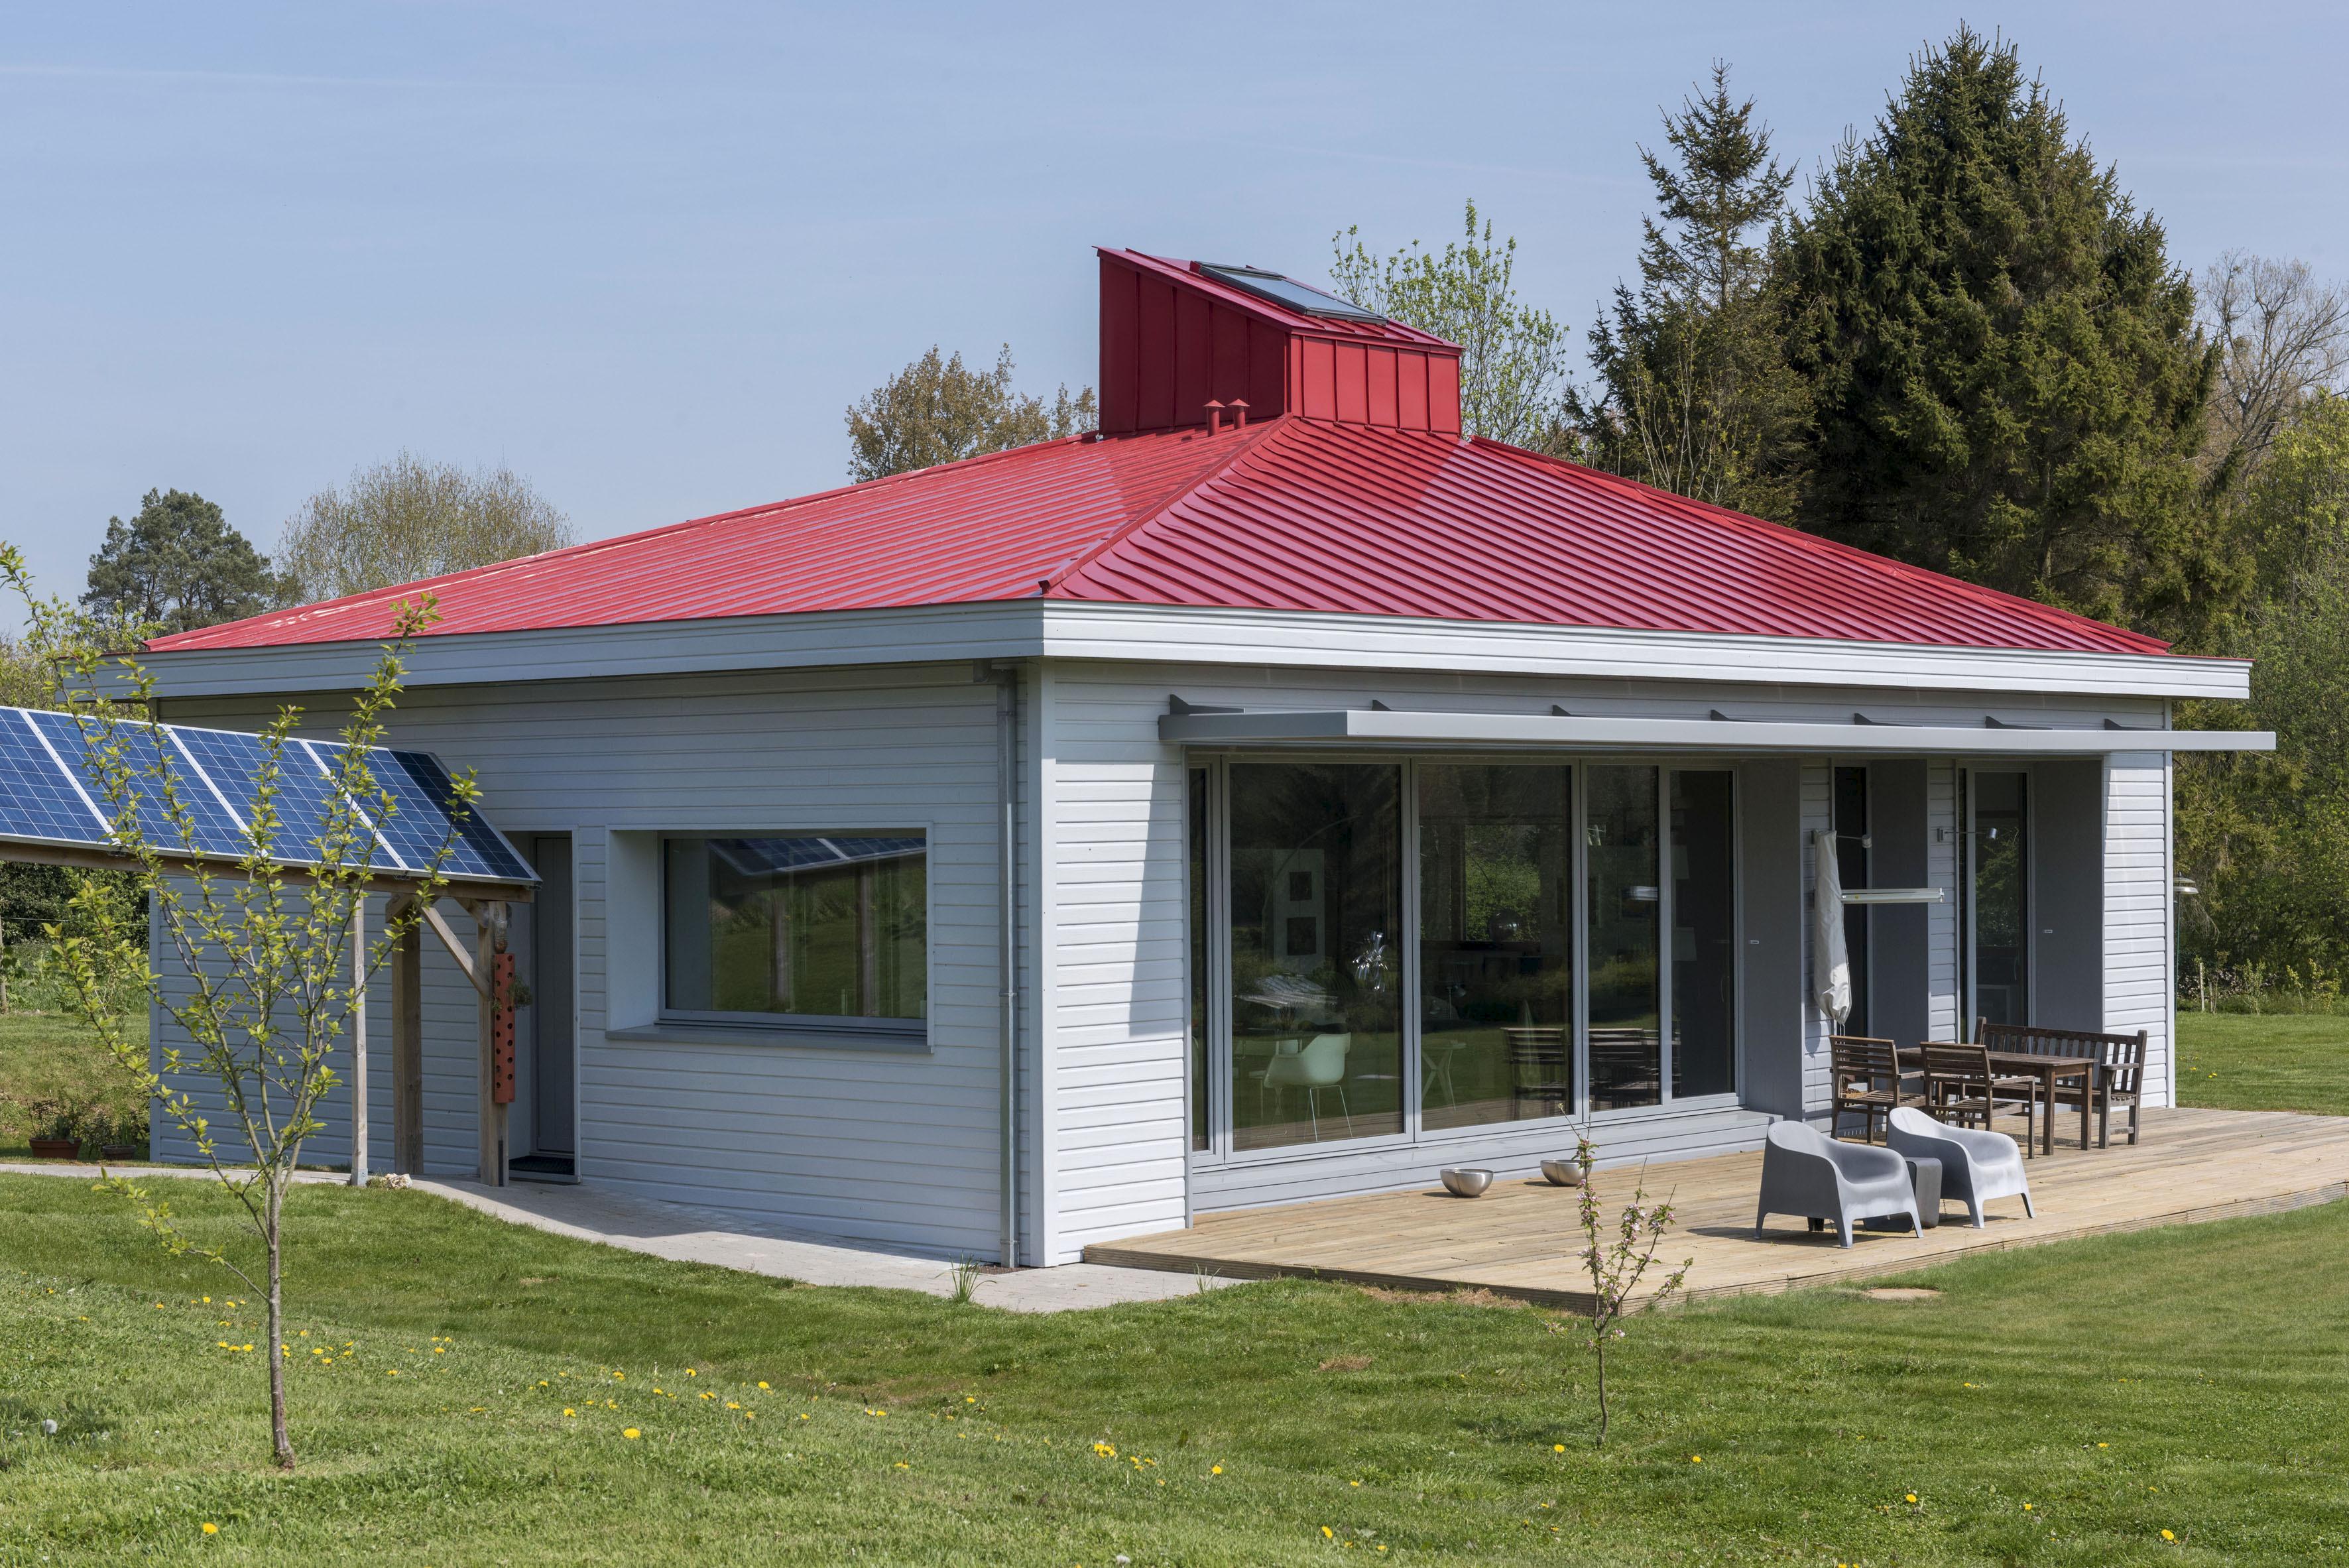 le zinc titane rheinzink color line rouge brique pour habiller aux couleurs locales le toit de la premire maison passive du nord pas de calais picardie